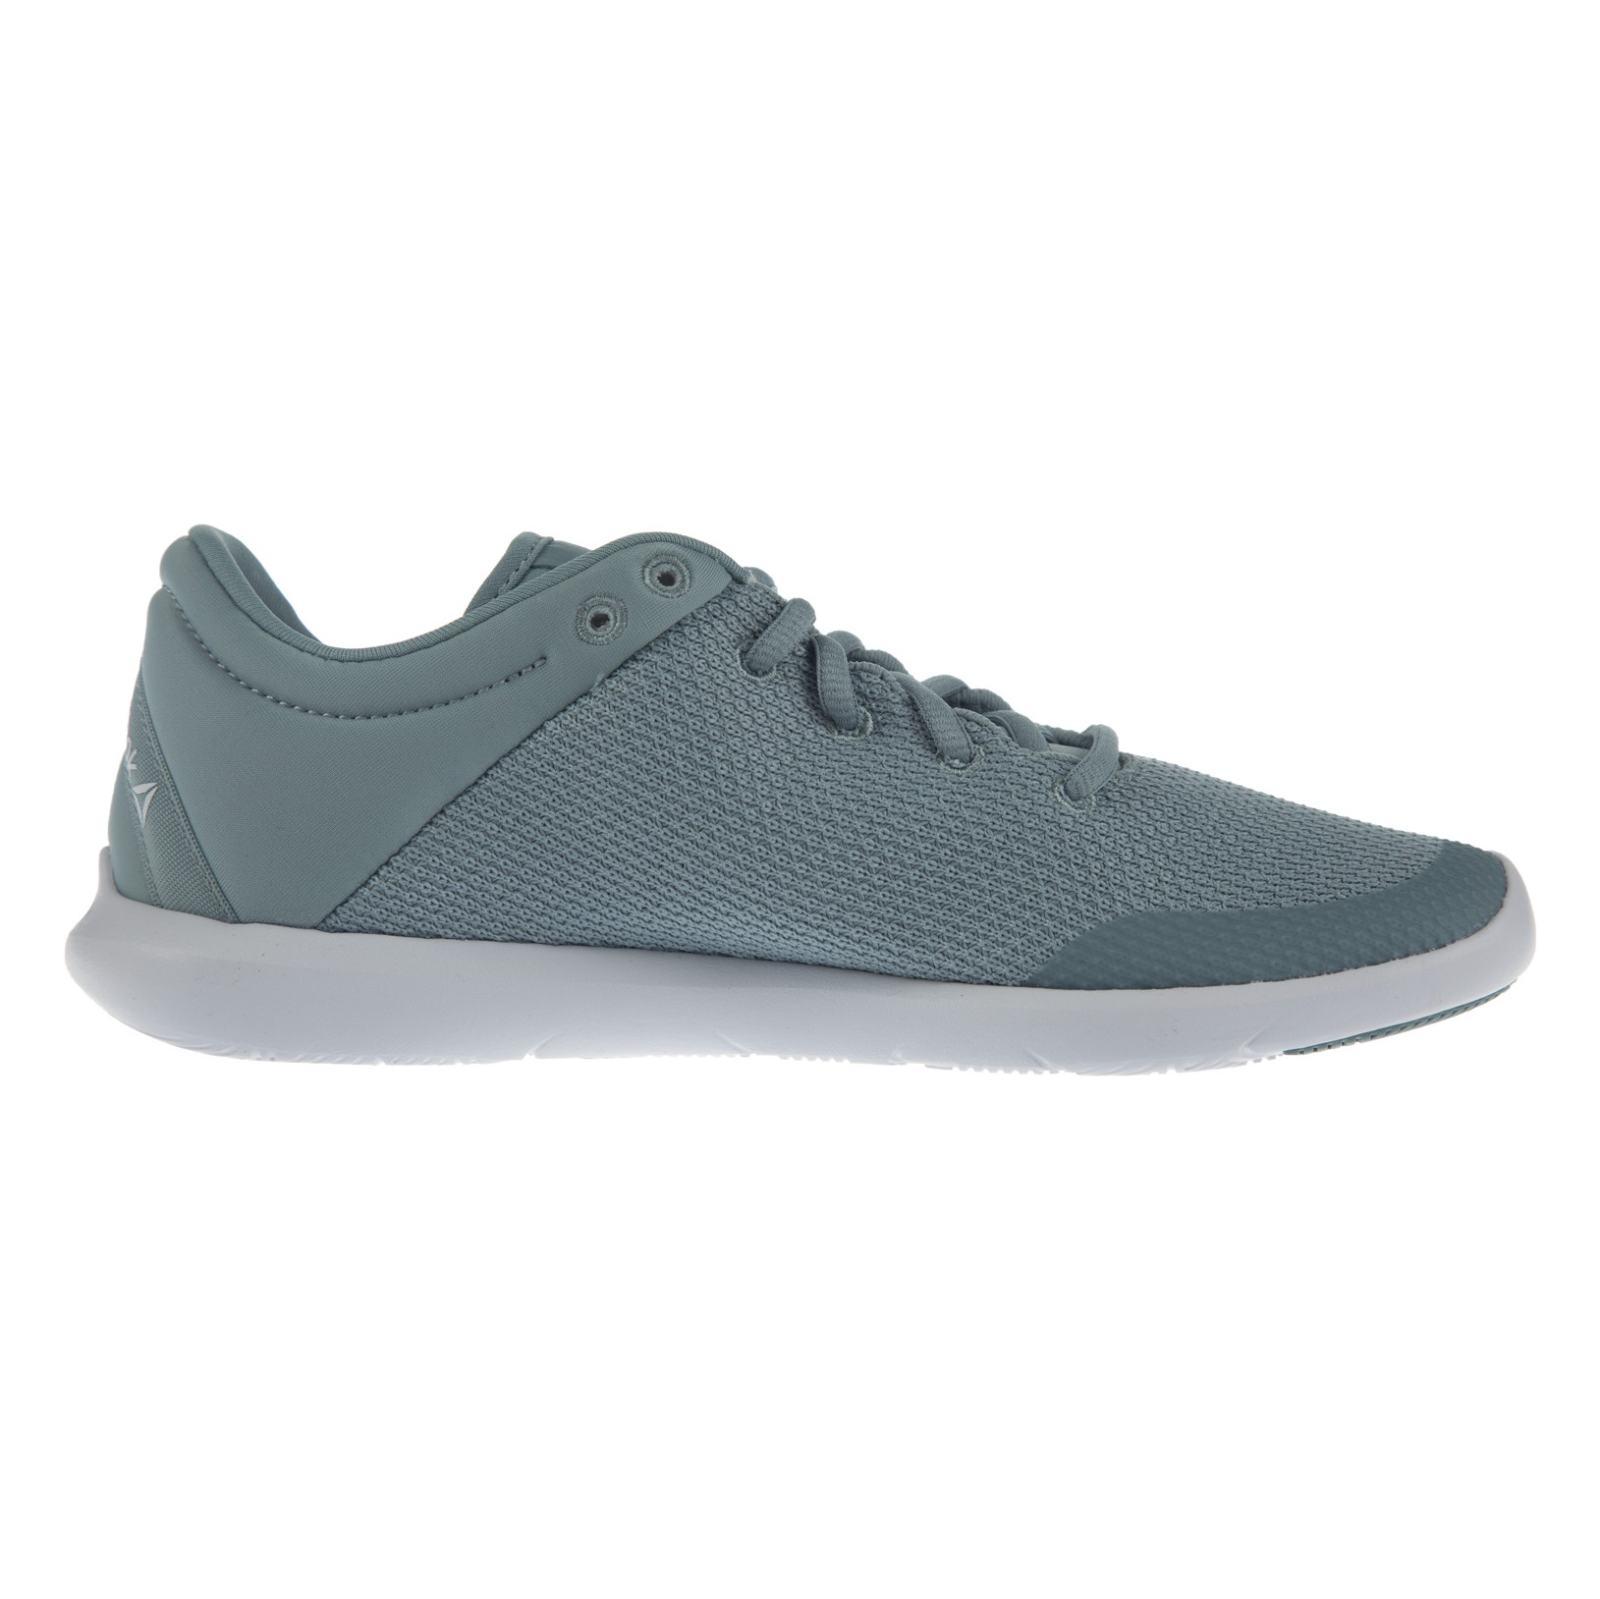 کفش زنانه ریباک مدل Studio Basics - سبز آبی - 3